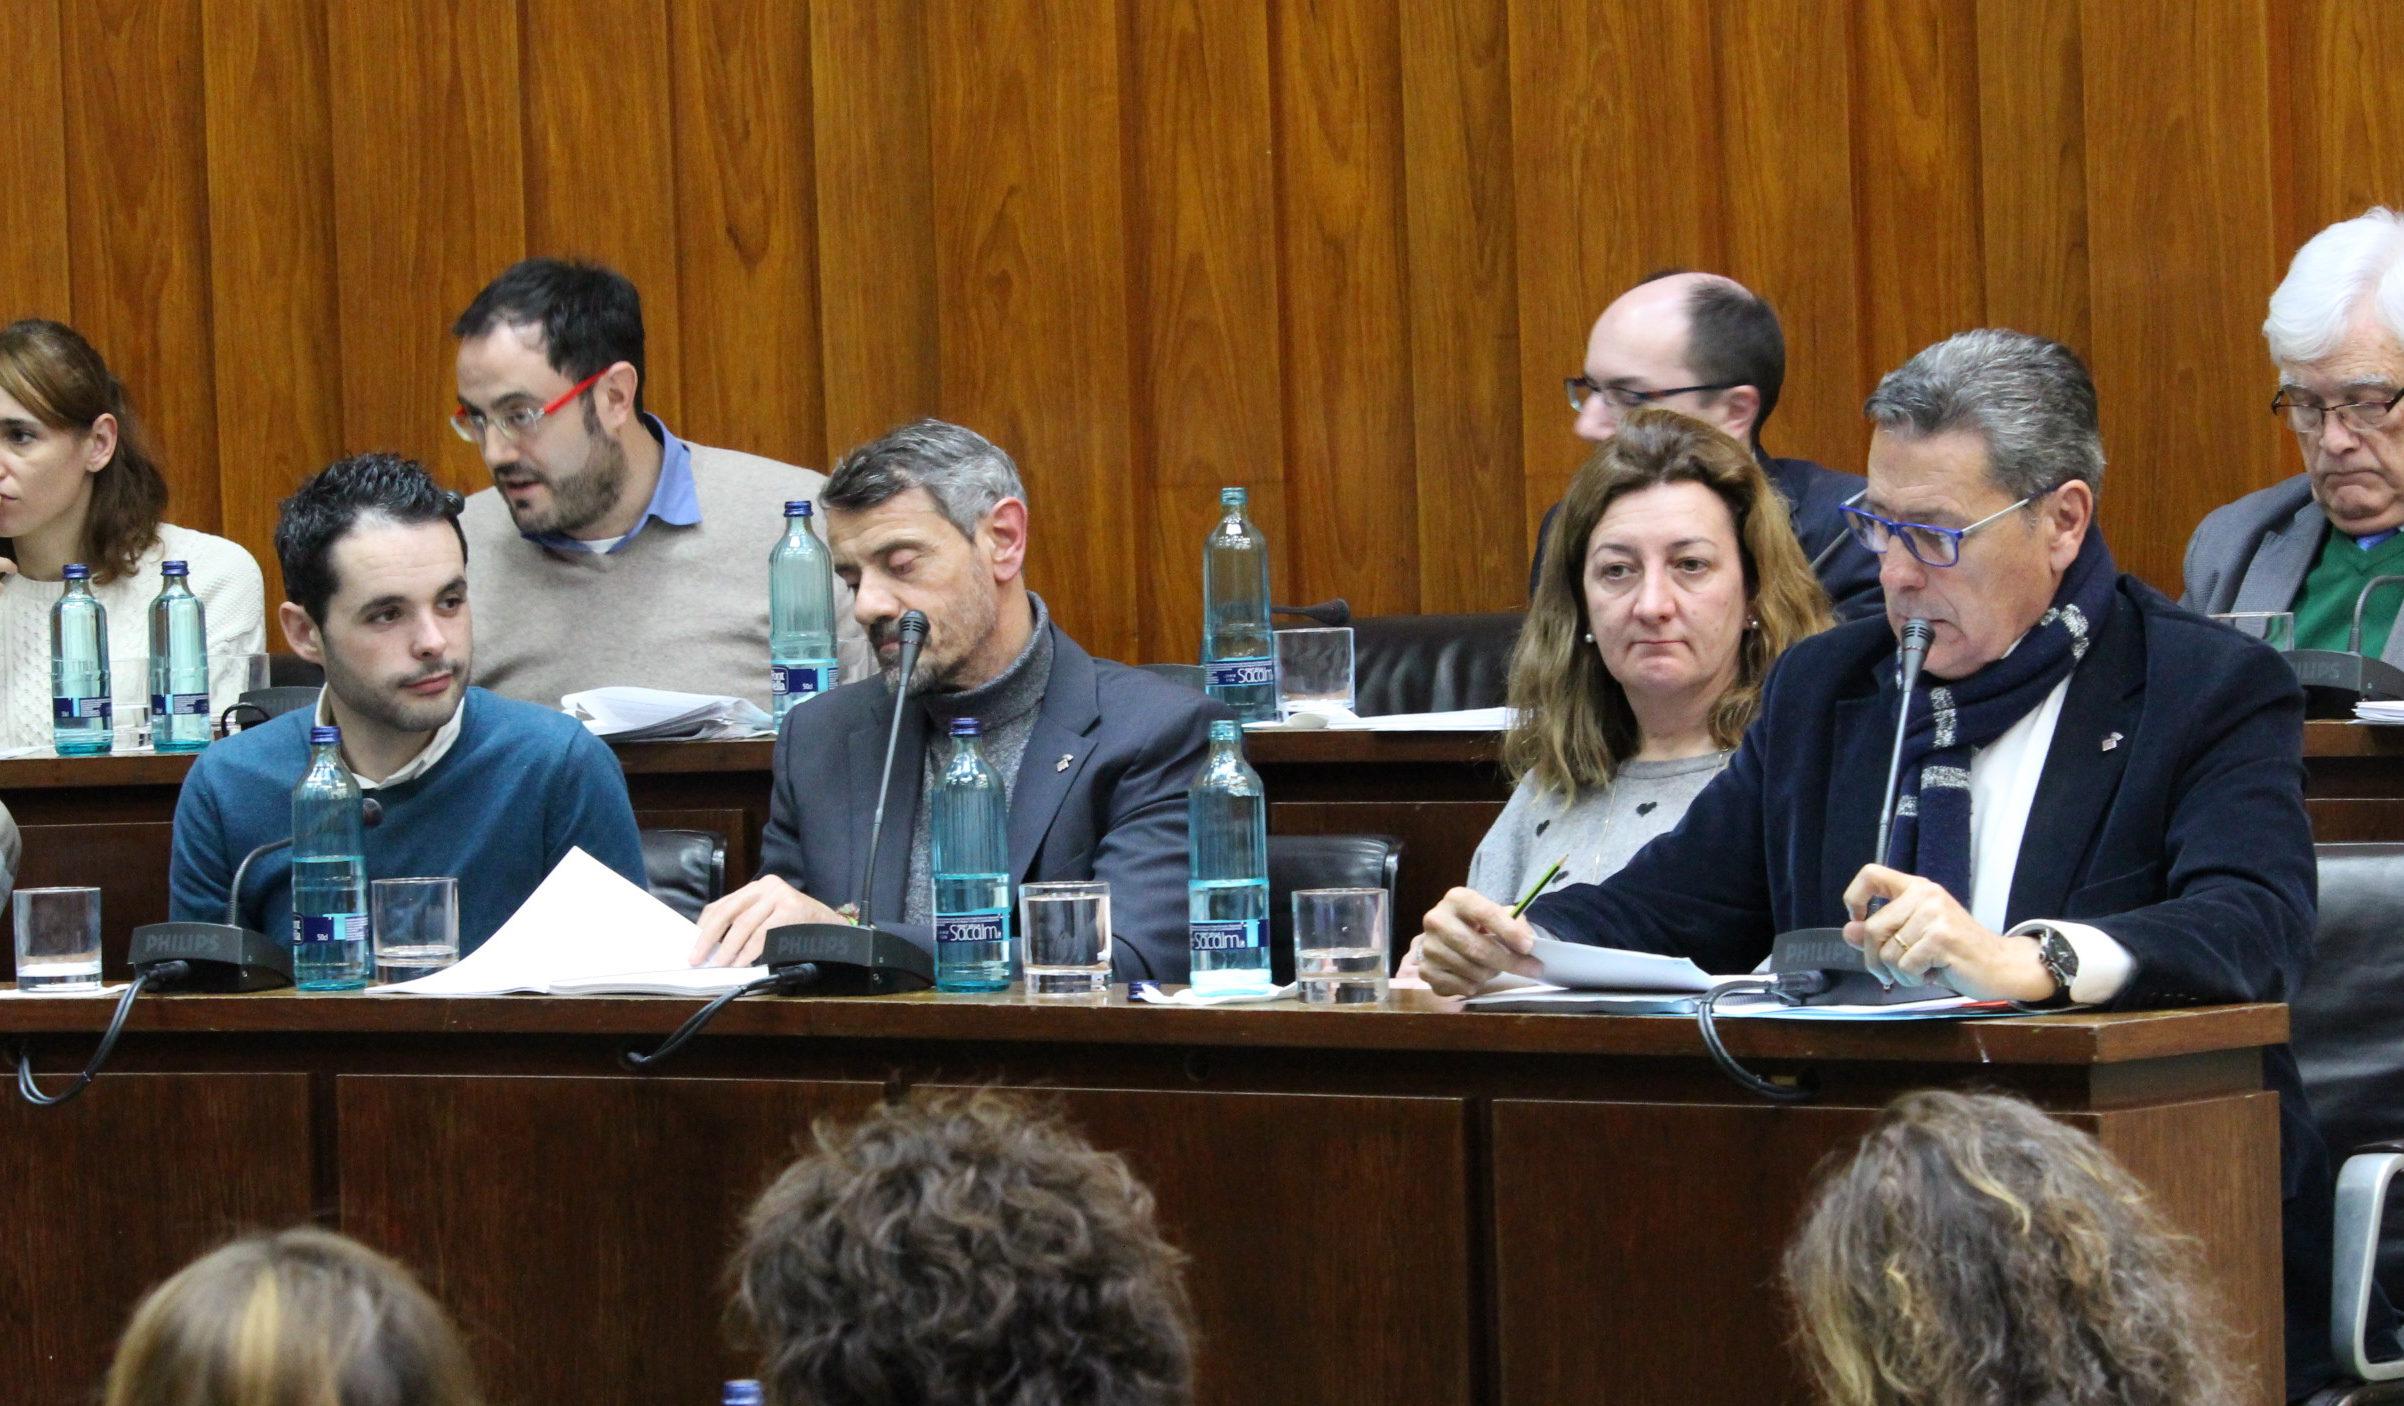 Los cuatro concejales de Ciudadanos Cs en lHospitalet durante el pleno municipal de enero